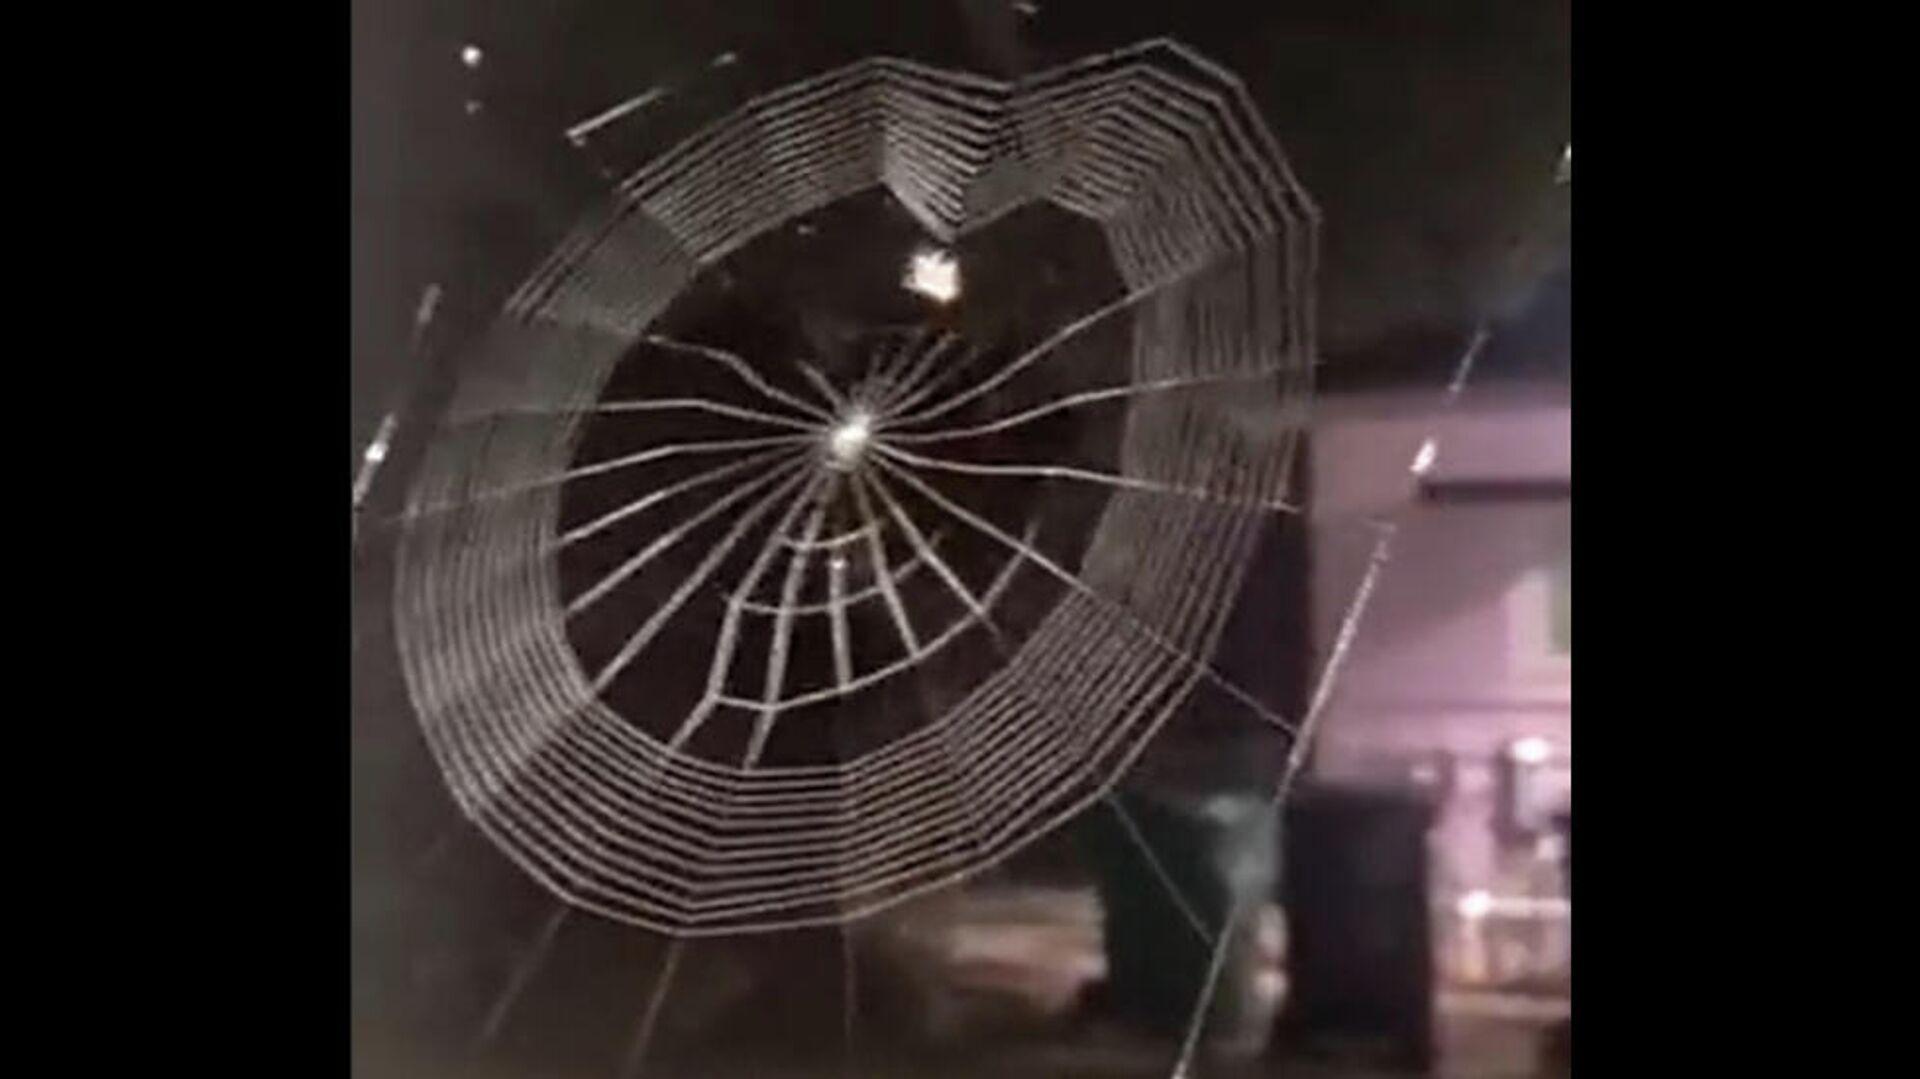 Μια αράχνη υφαίνει τον ιστό της - Sputnik Ελλάδα, 1920, 10.10.2021